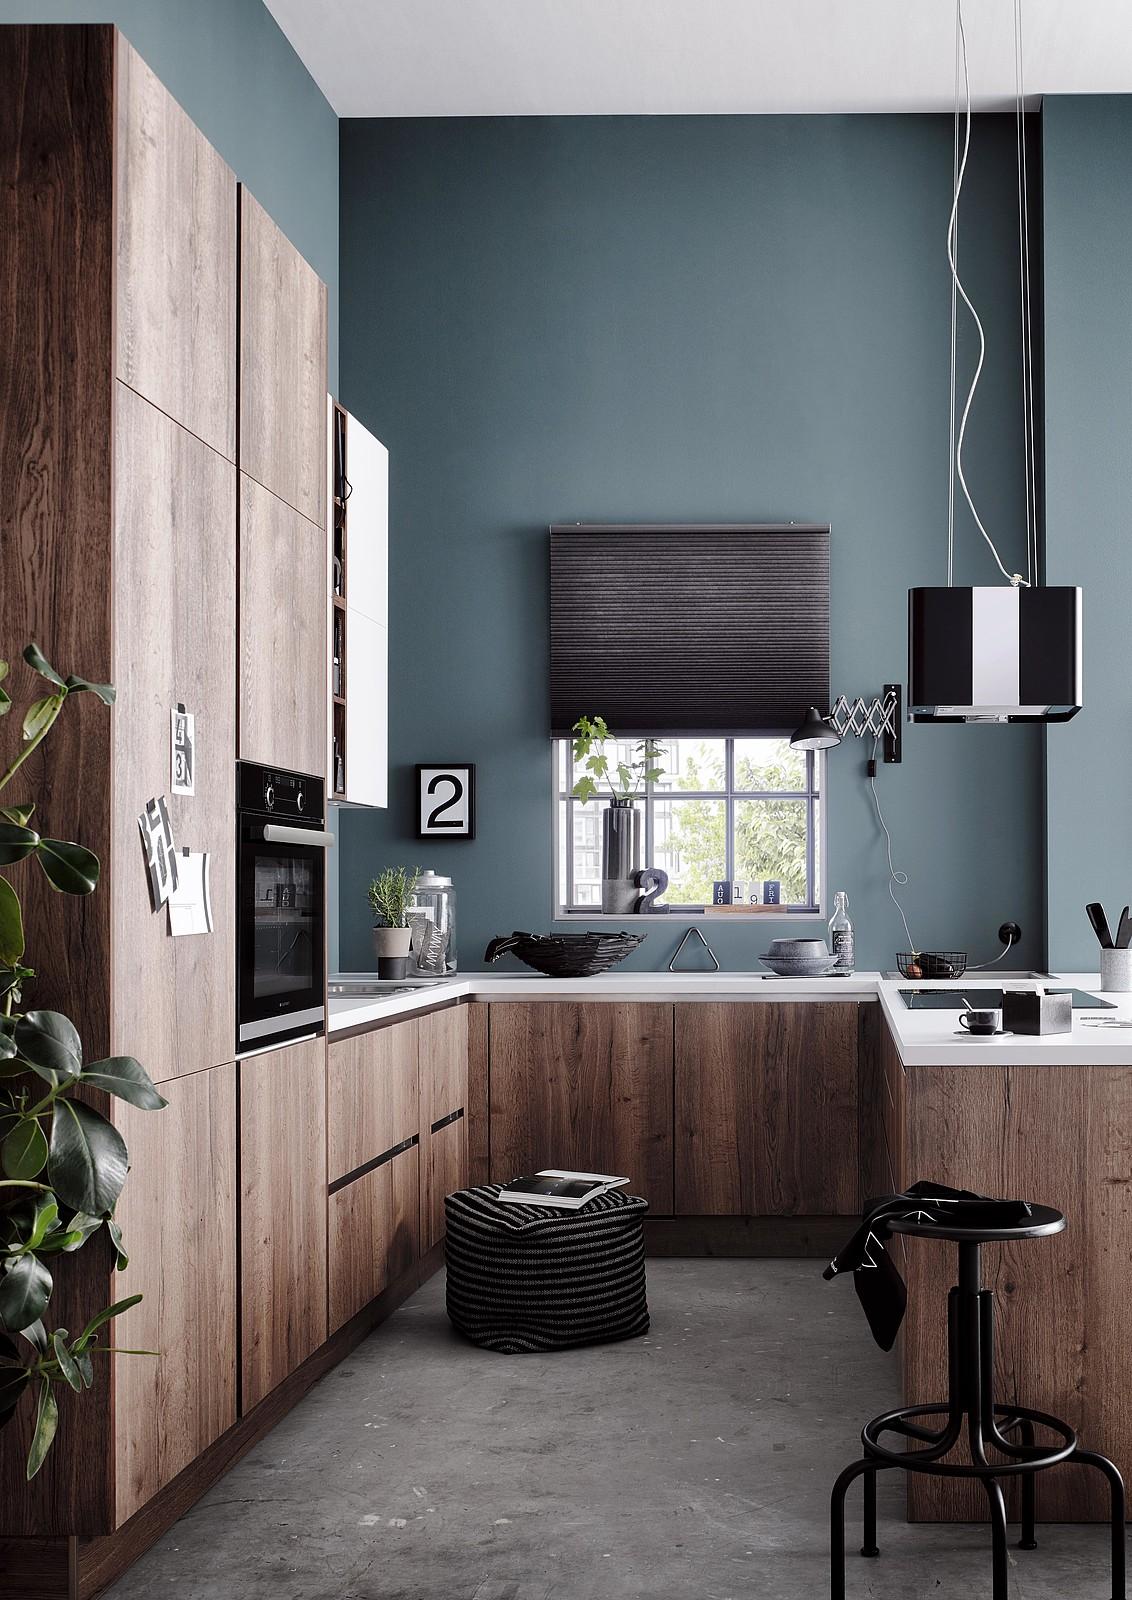 Full Size of Ikea Küche U Form Küche U Form Mit Theke Küche U Form Günstig Küche U Form Gebraucht Küche Küche U Form